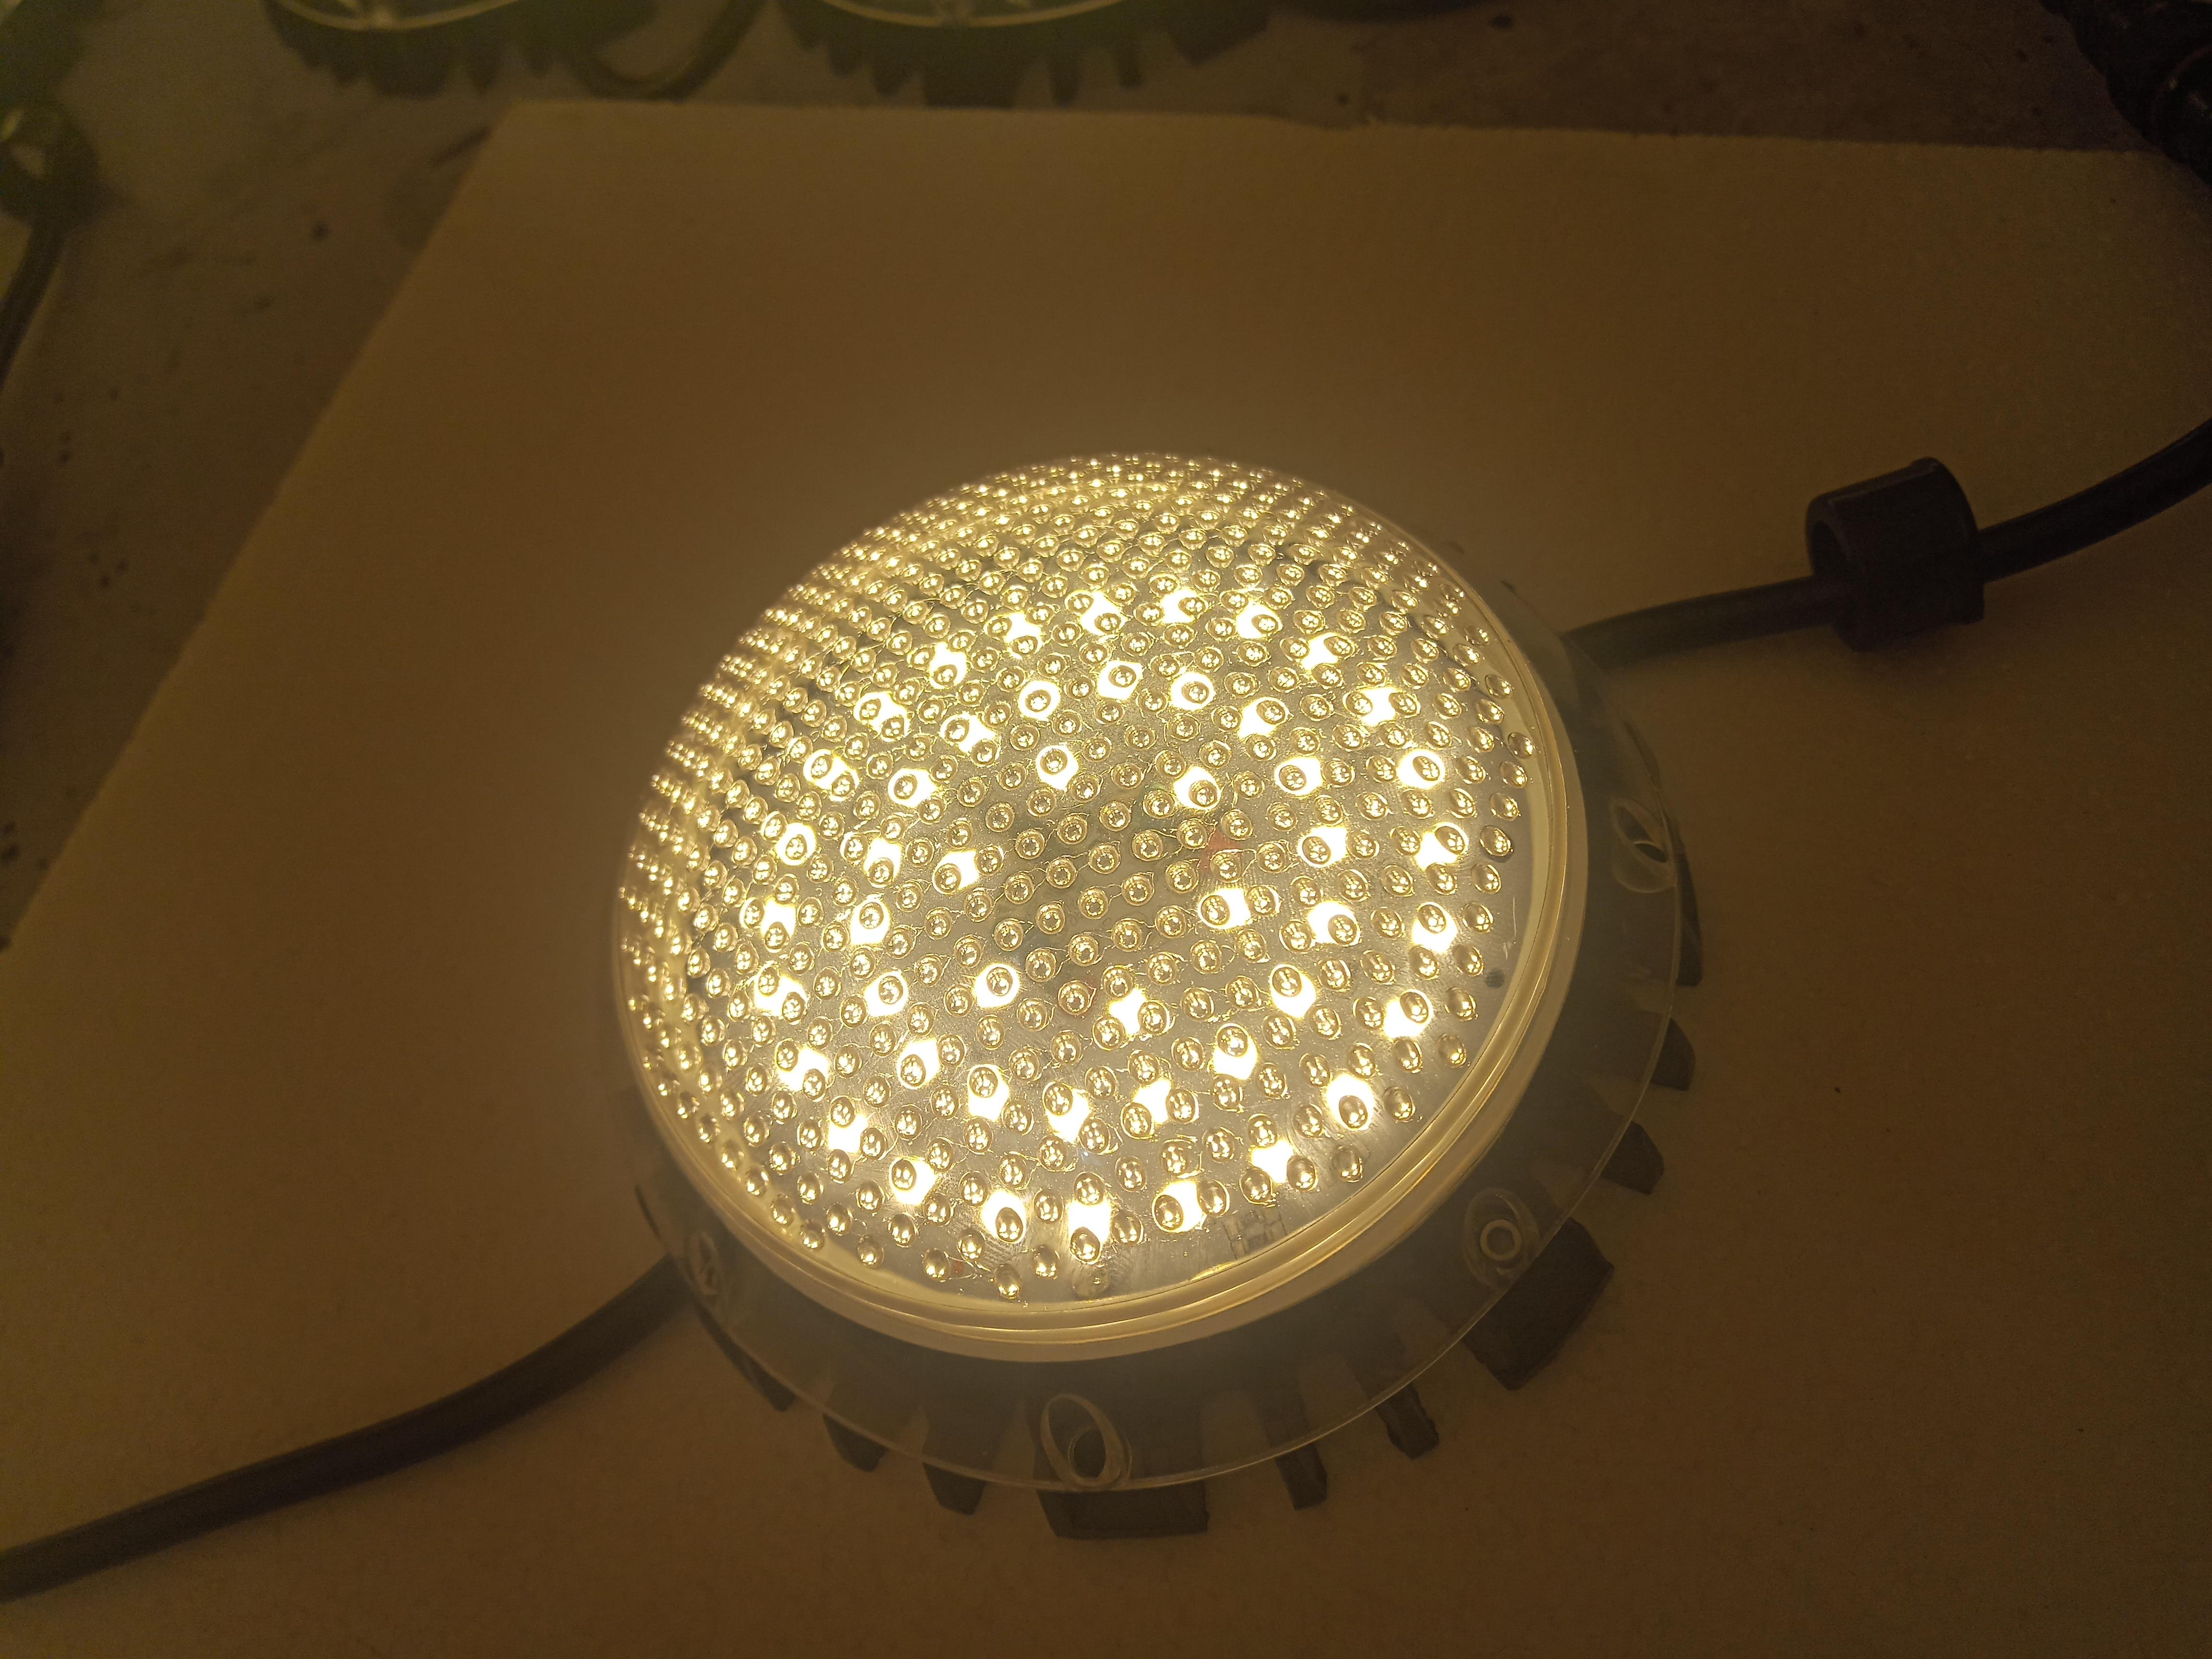 厂家直销LED点光源 广东铝底外控点光源价格 LED装饰灯厂家